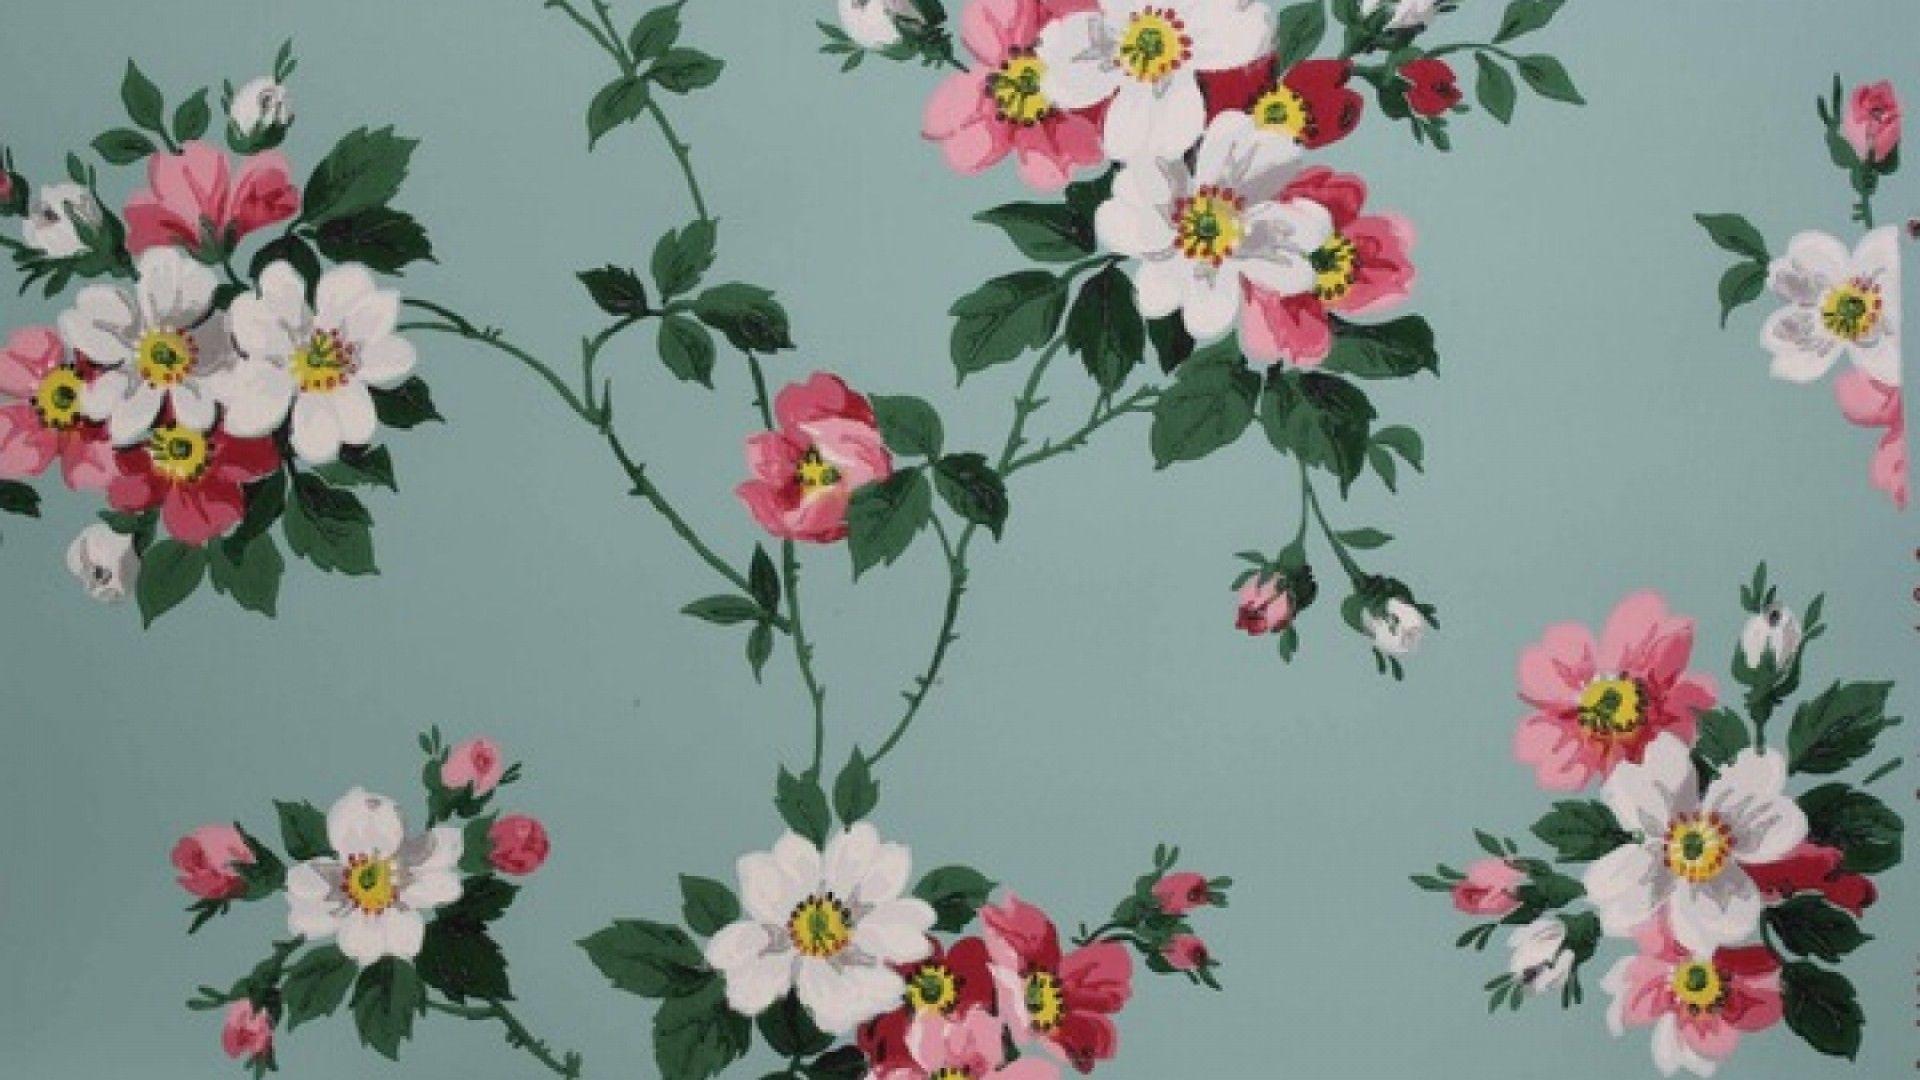 Vintage Flower Wallpaper Desktop